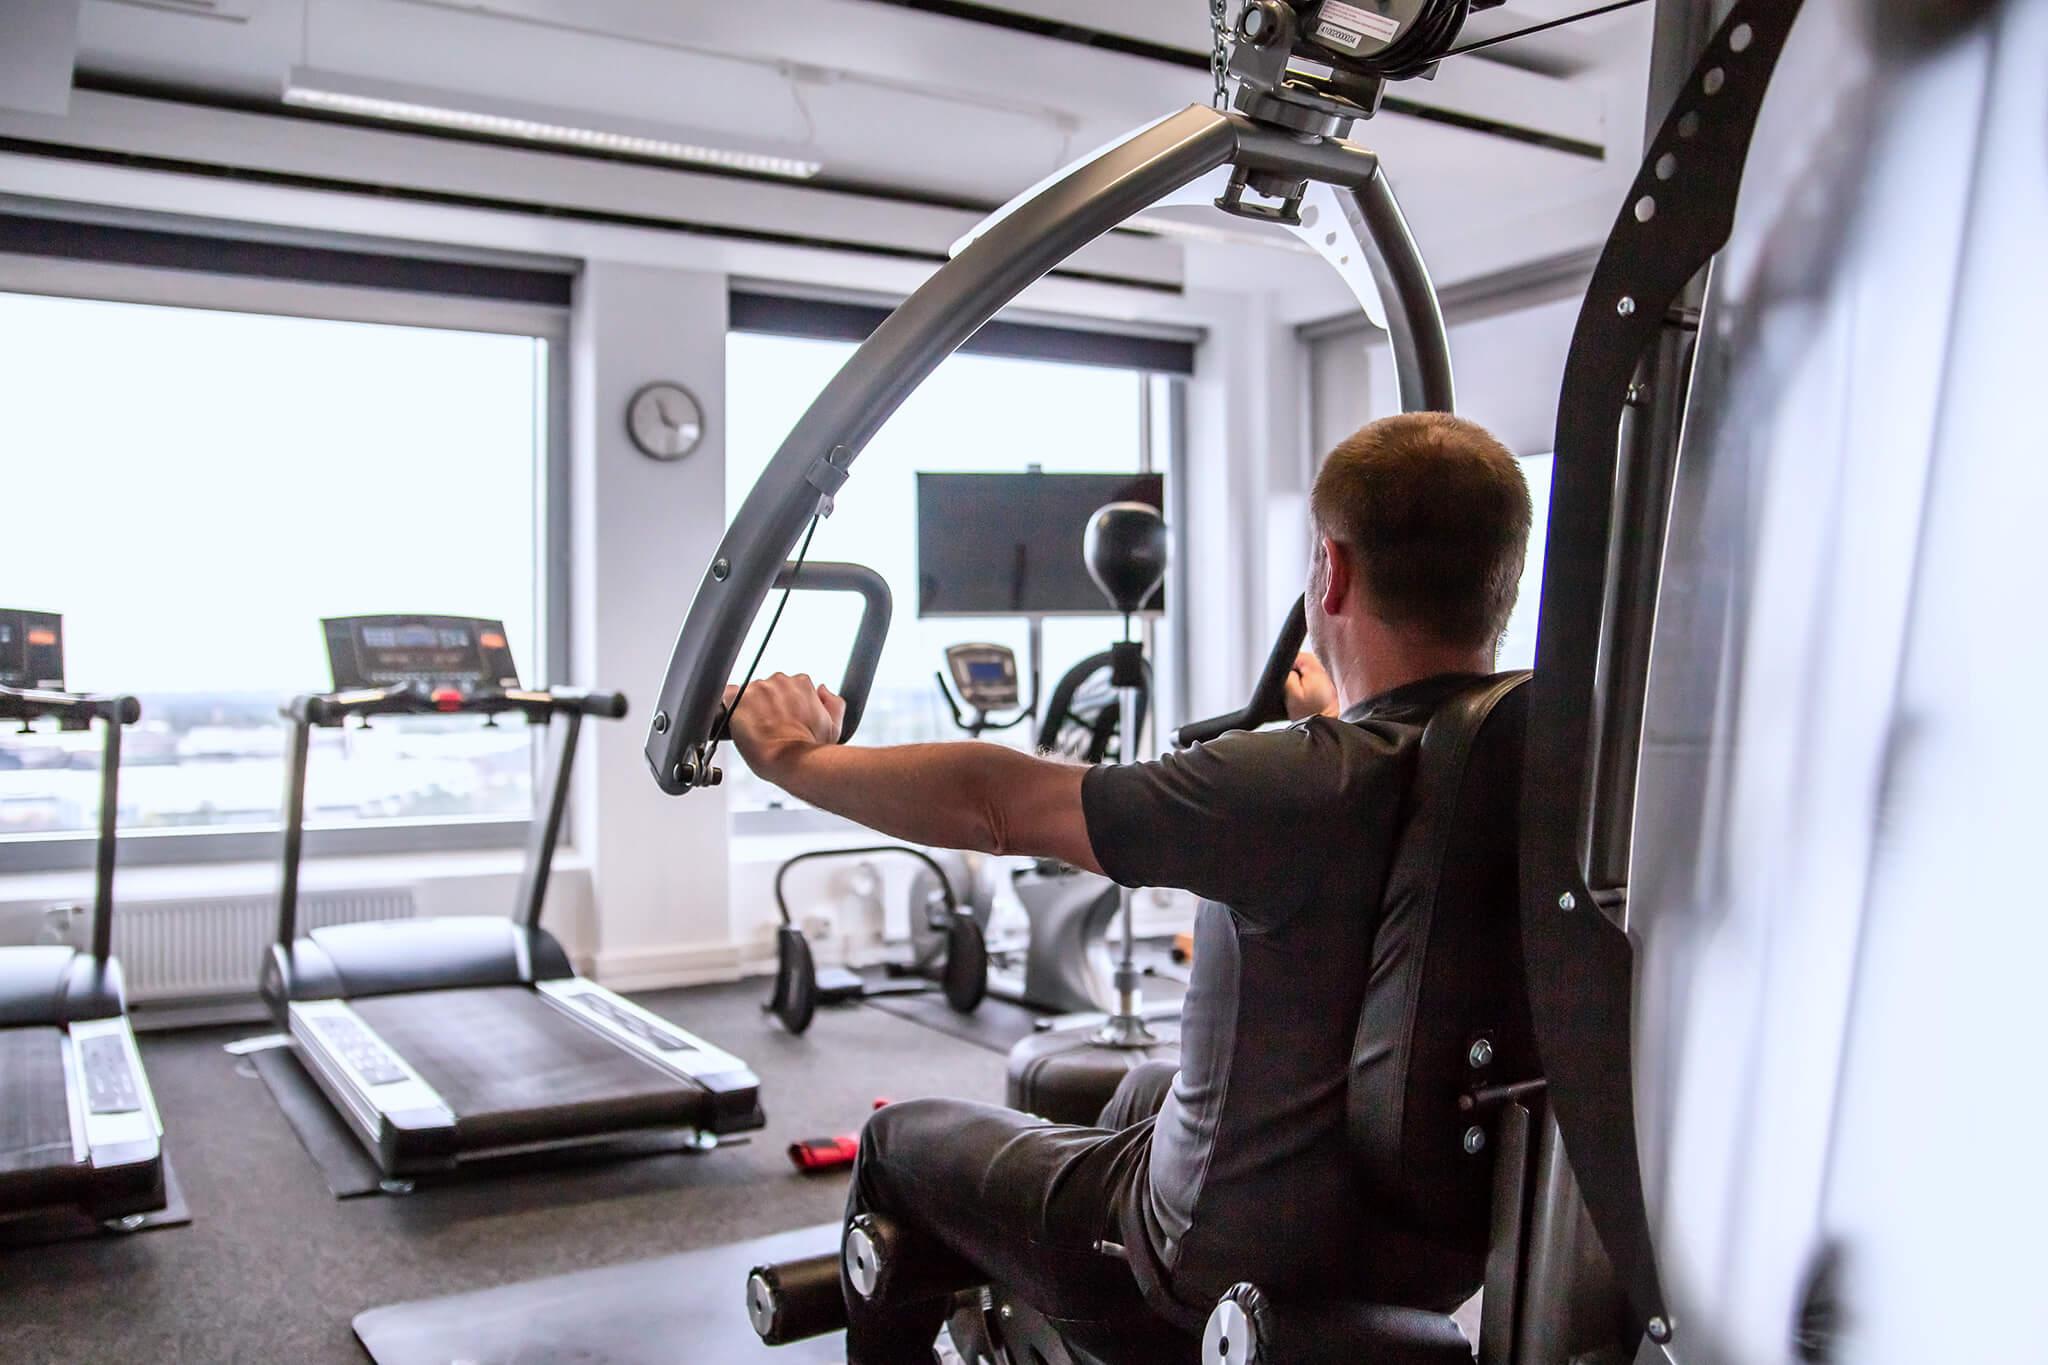 fitnesstudio-otris-geraete